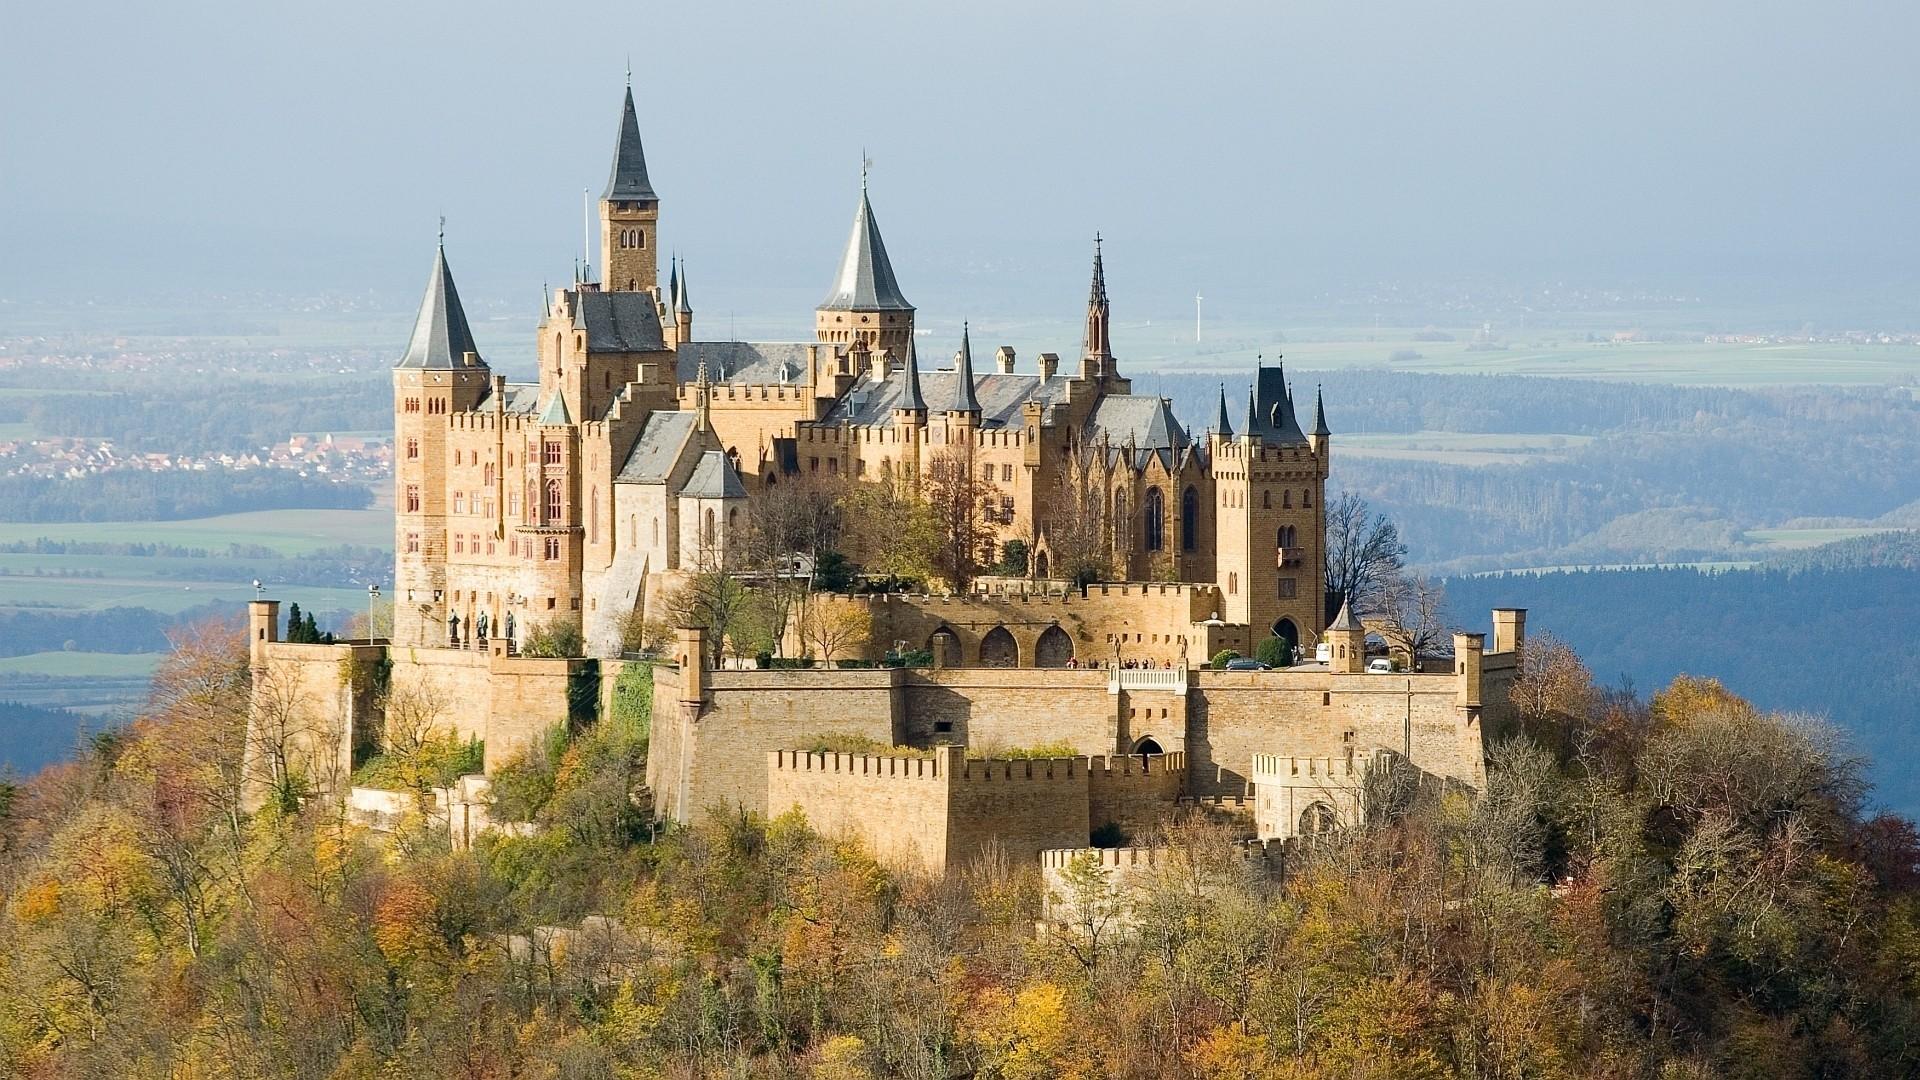 Castle a wallpaper